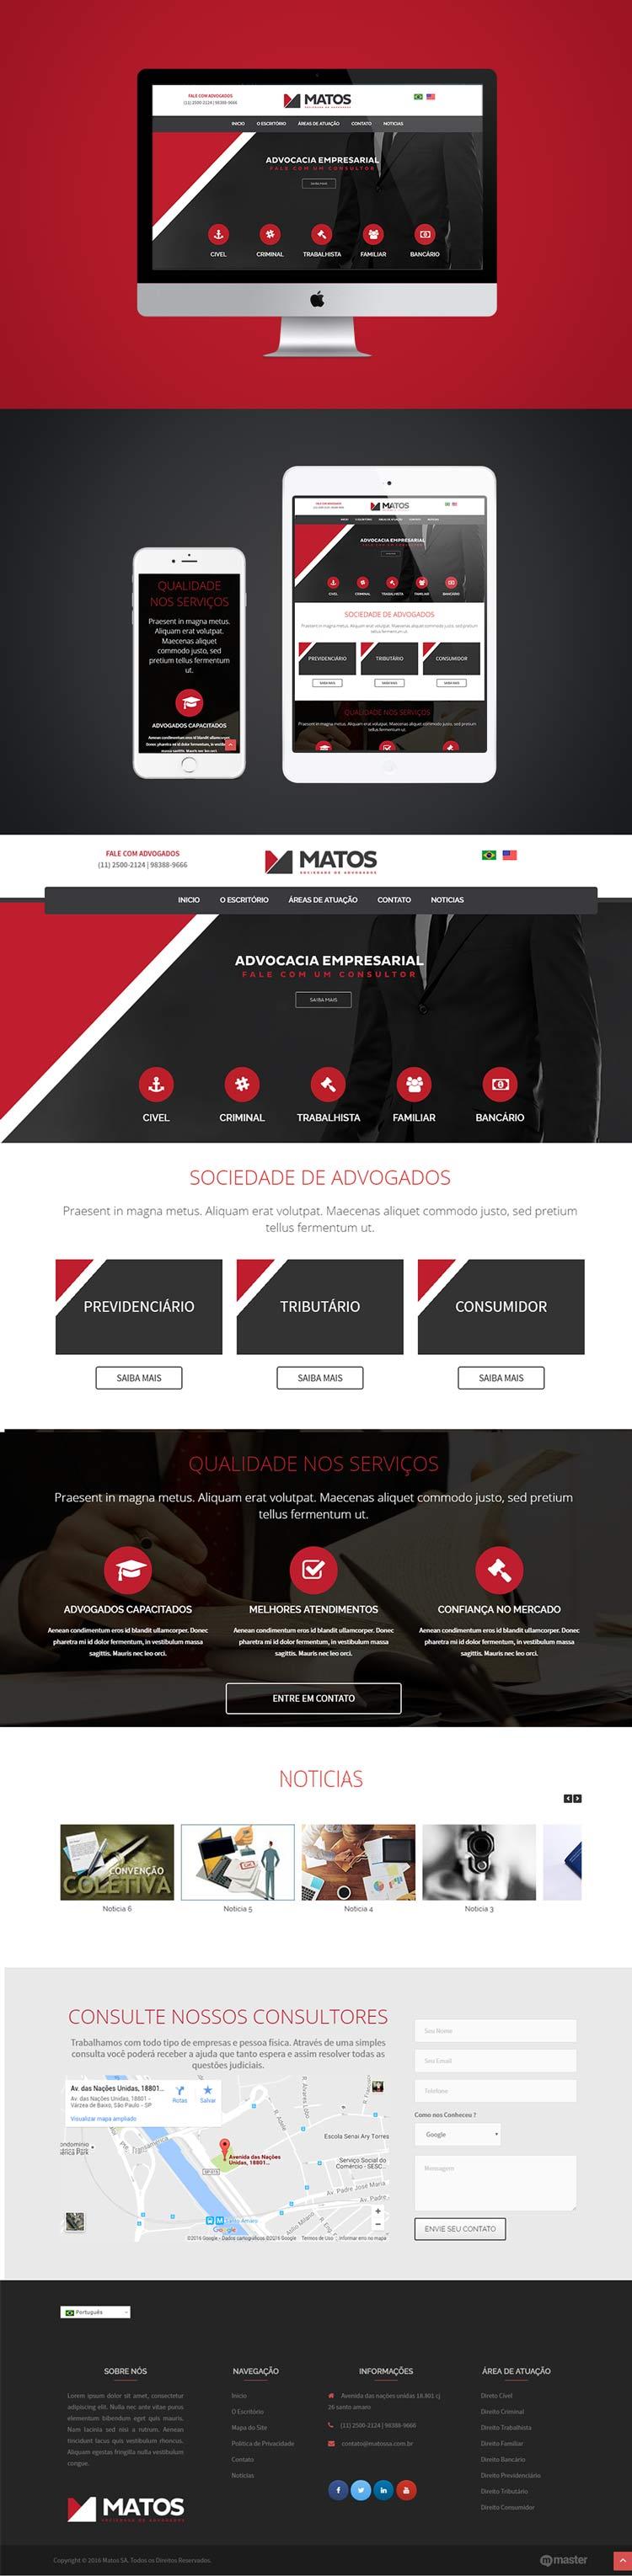 Criação de site Matos SA Sociedade de Advogados